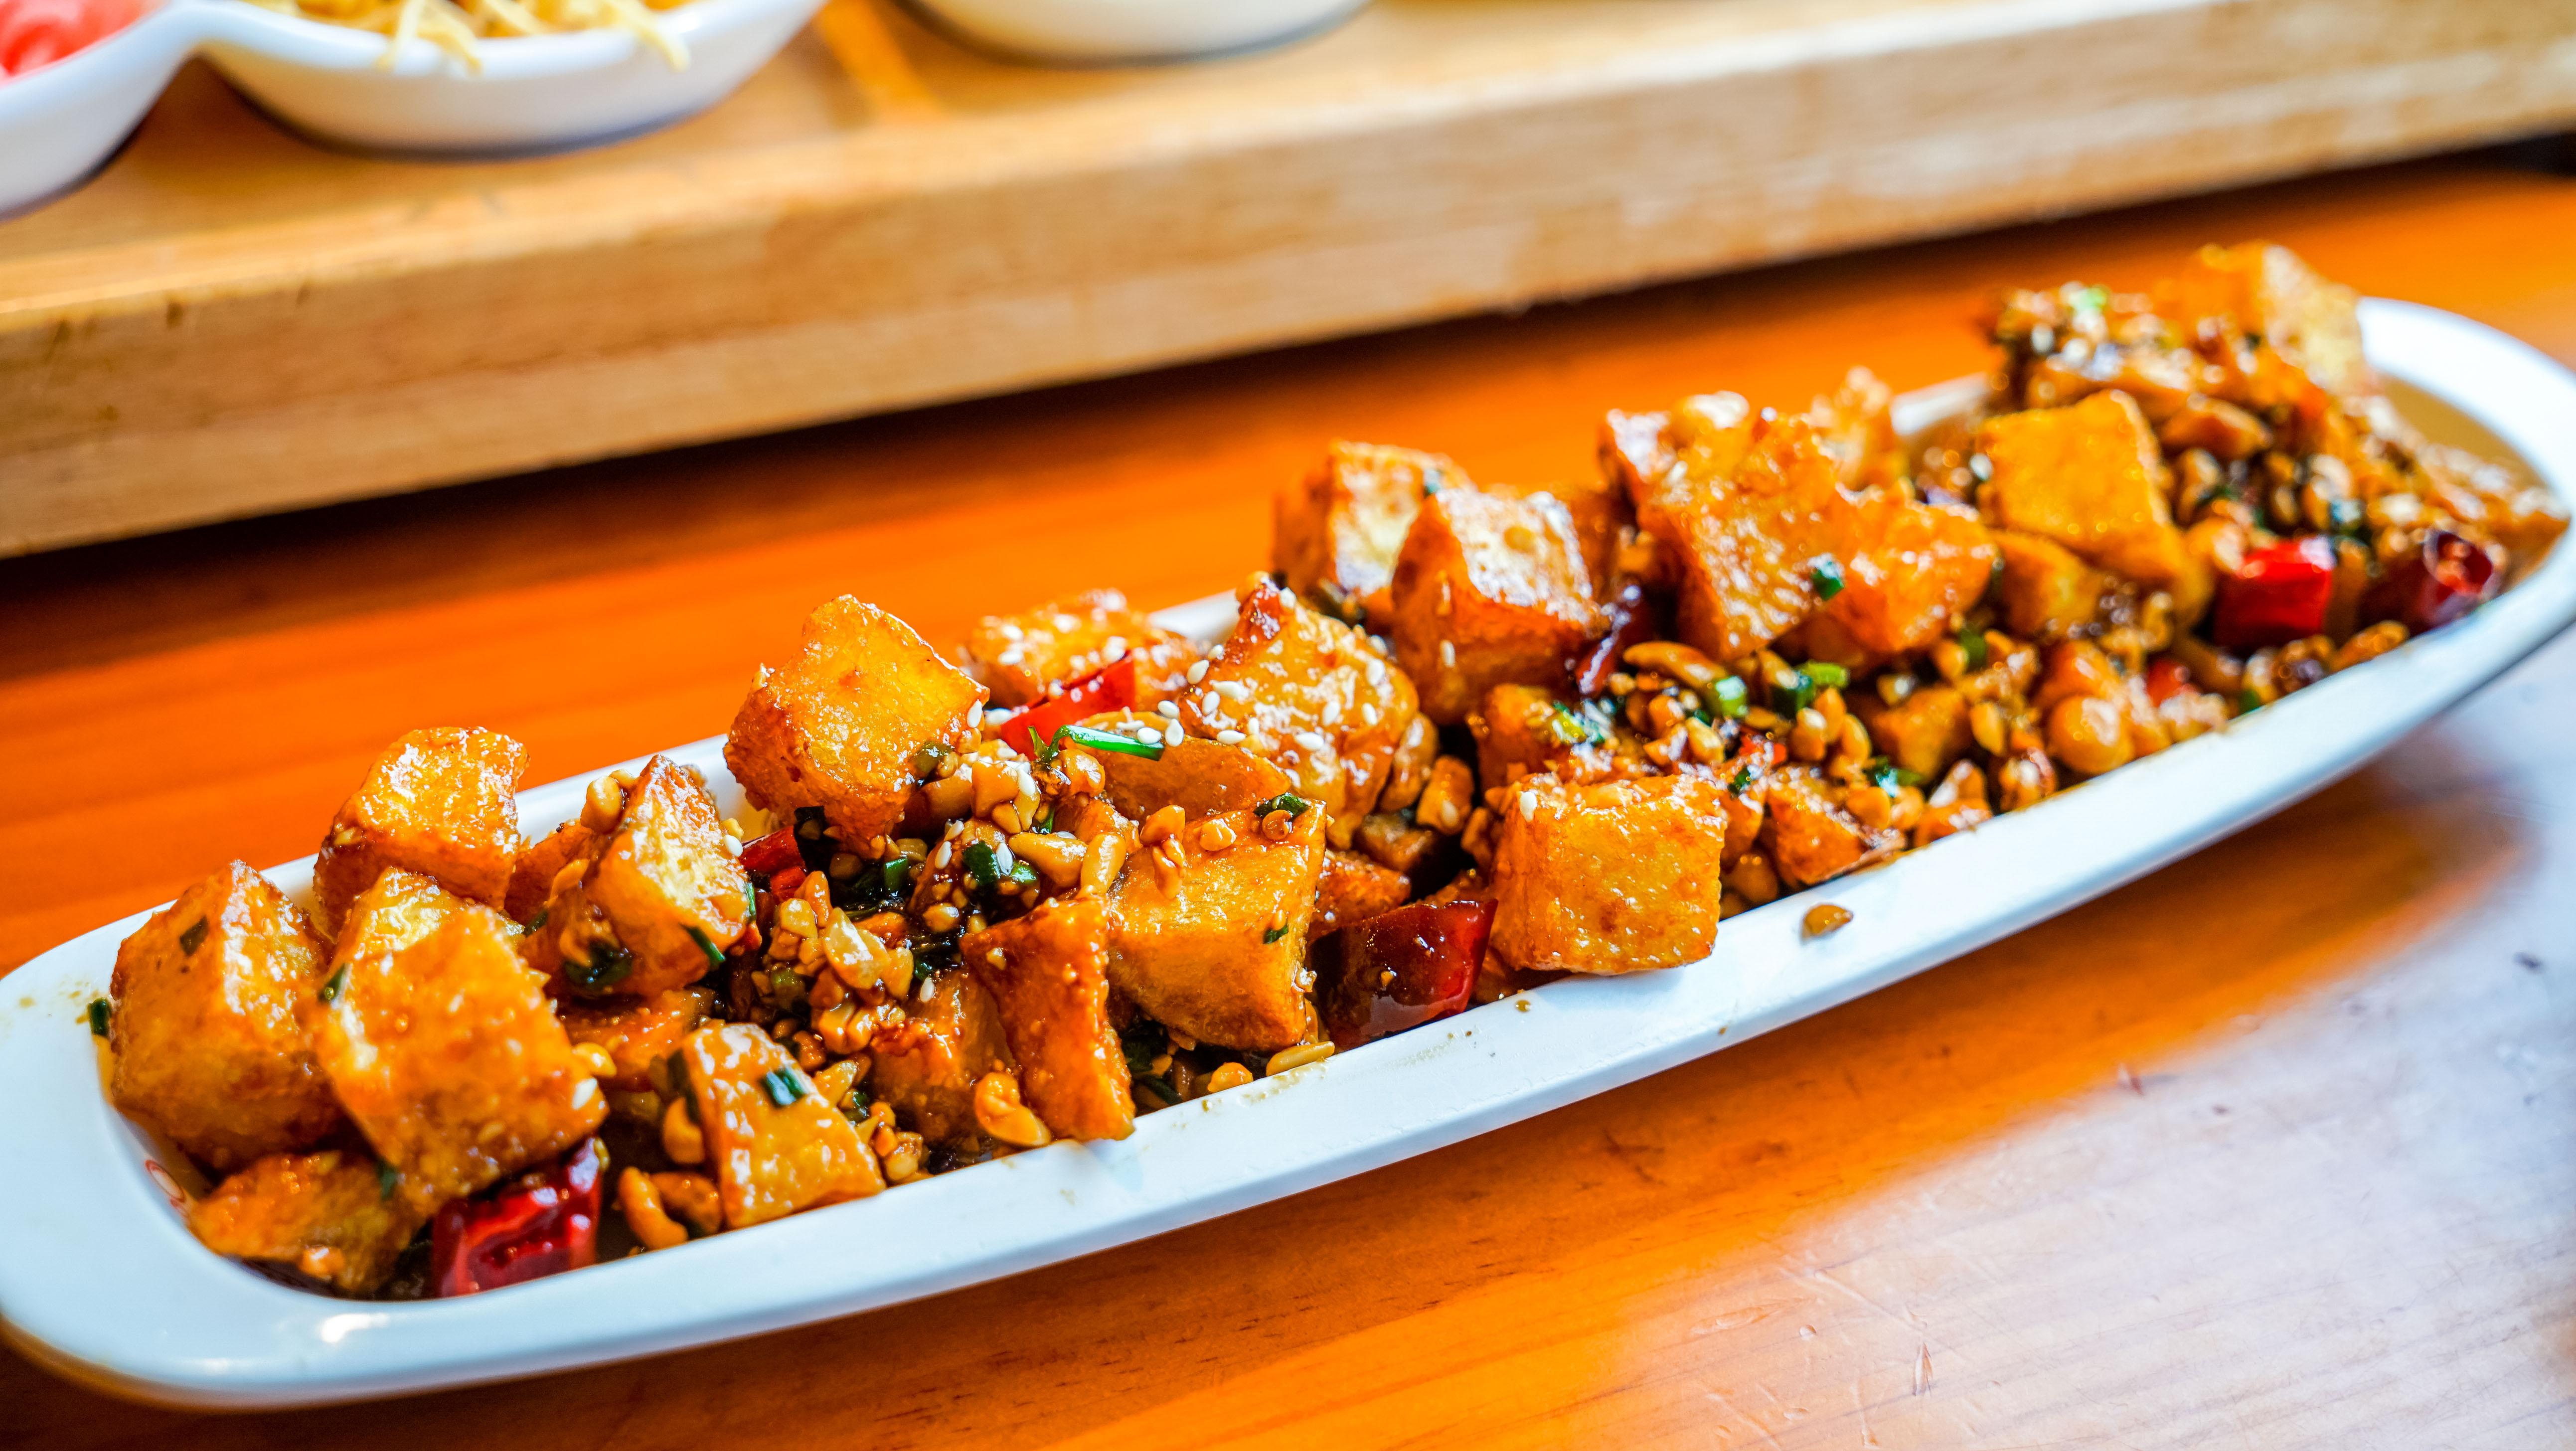 地方特色_贵州这些地方的特色美食凭什么一夜爆红?